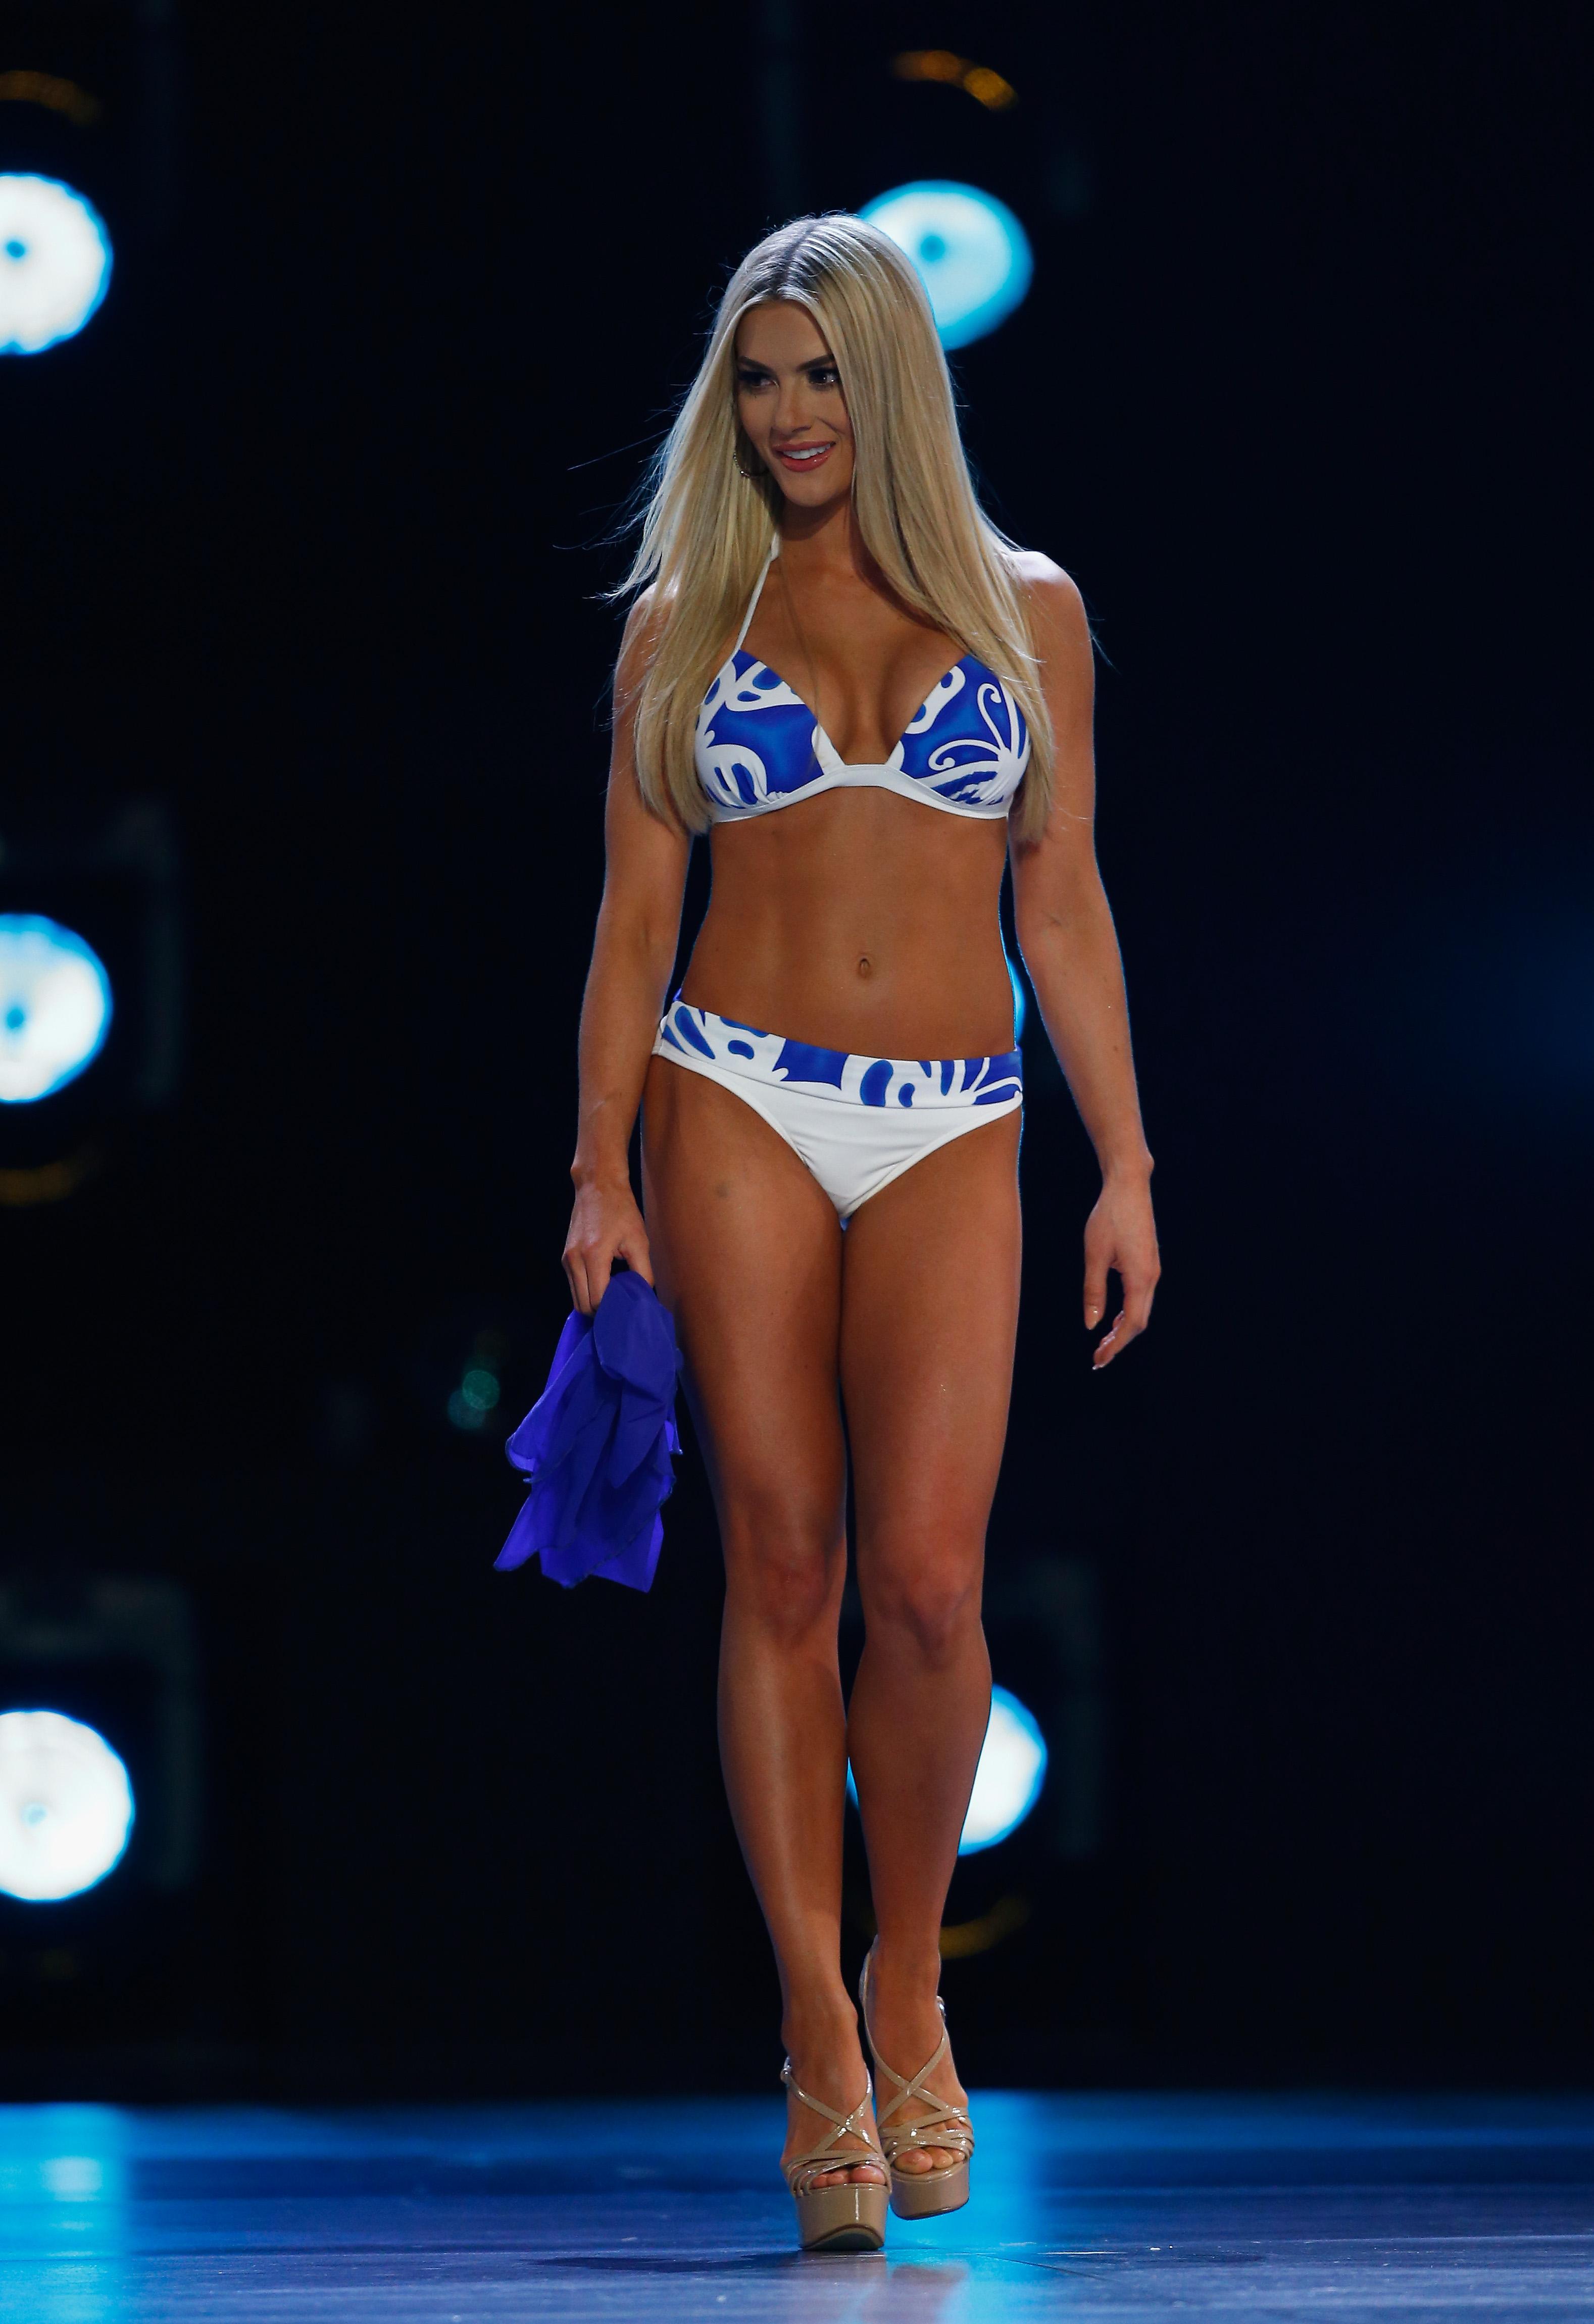 """Сара Роуз Съмърс, 23-годишната представителка на щата Небраска, е новата """"Мис САЩ"""". Шестдесет и седмото издание на конкурса беше организирано в Шривпорт, щата Луизиана."""